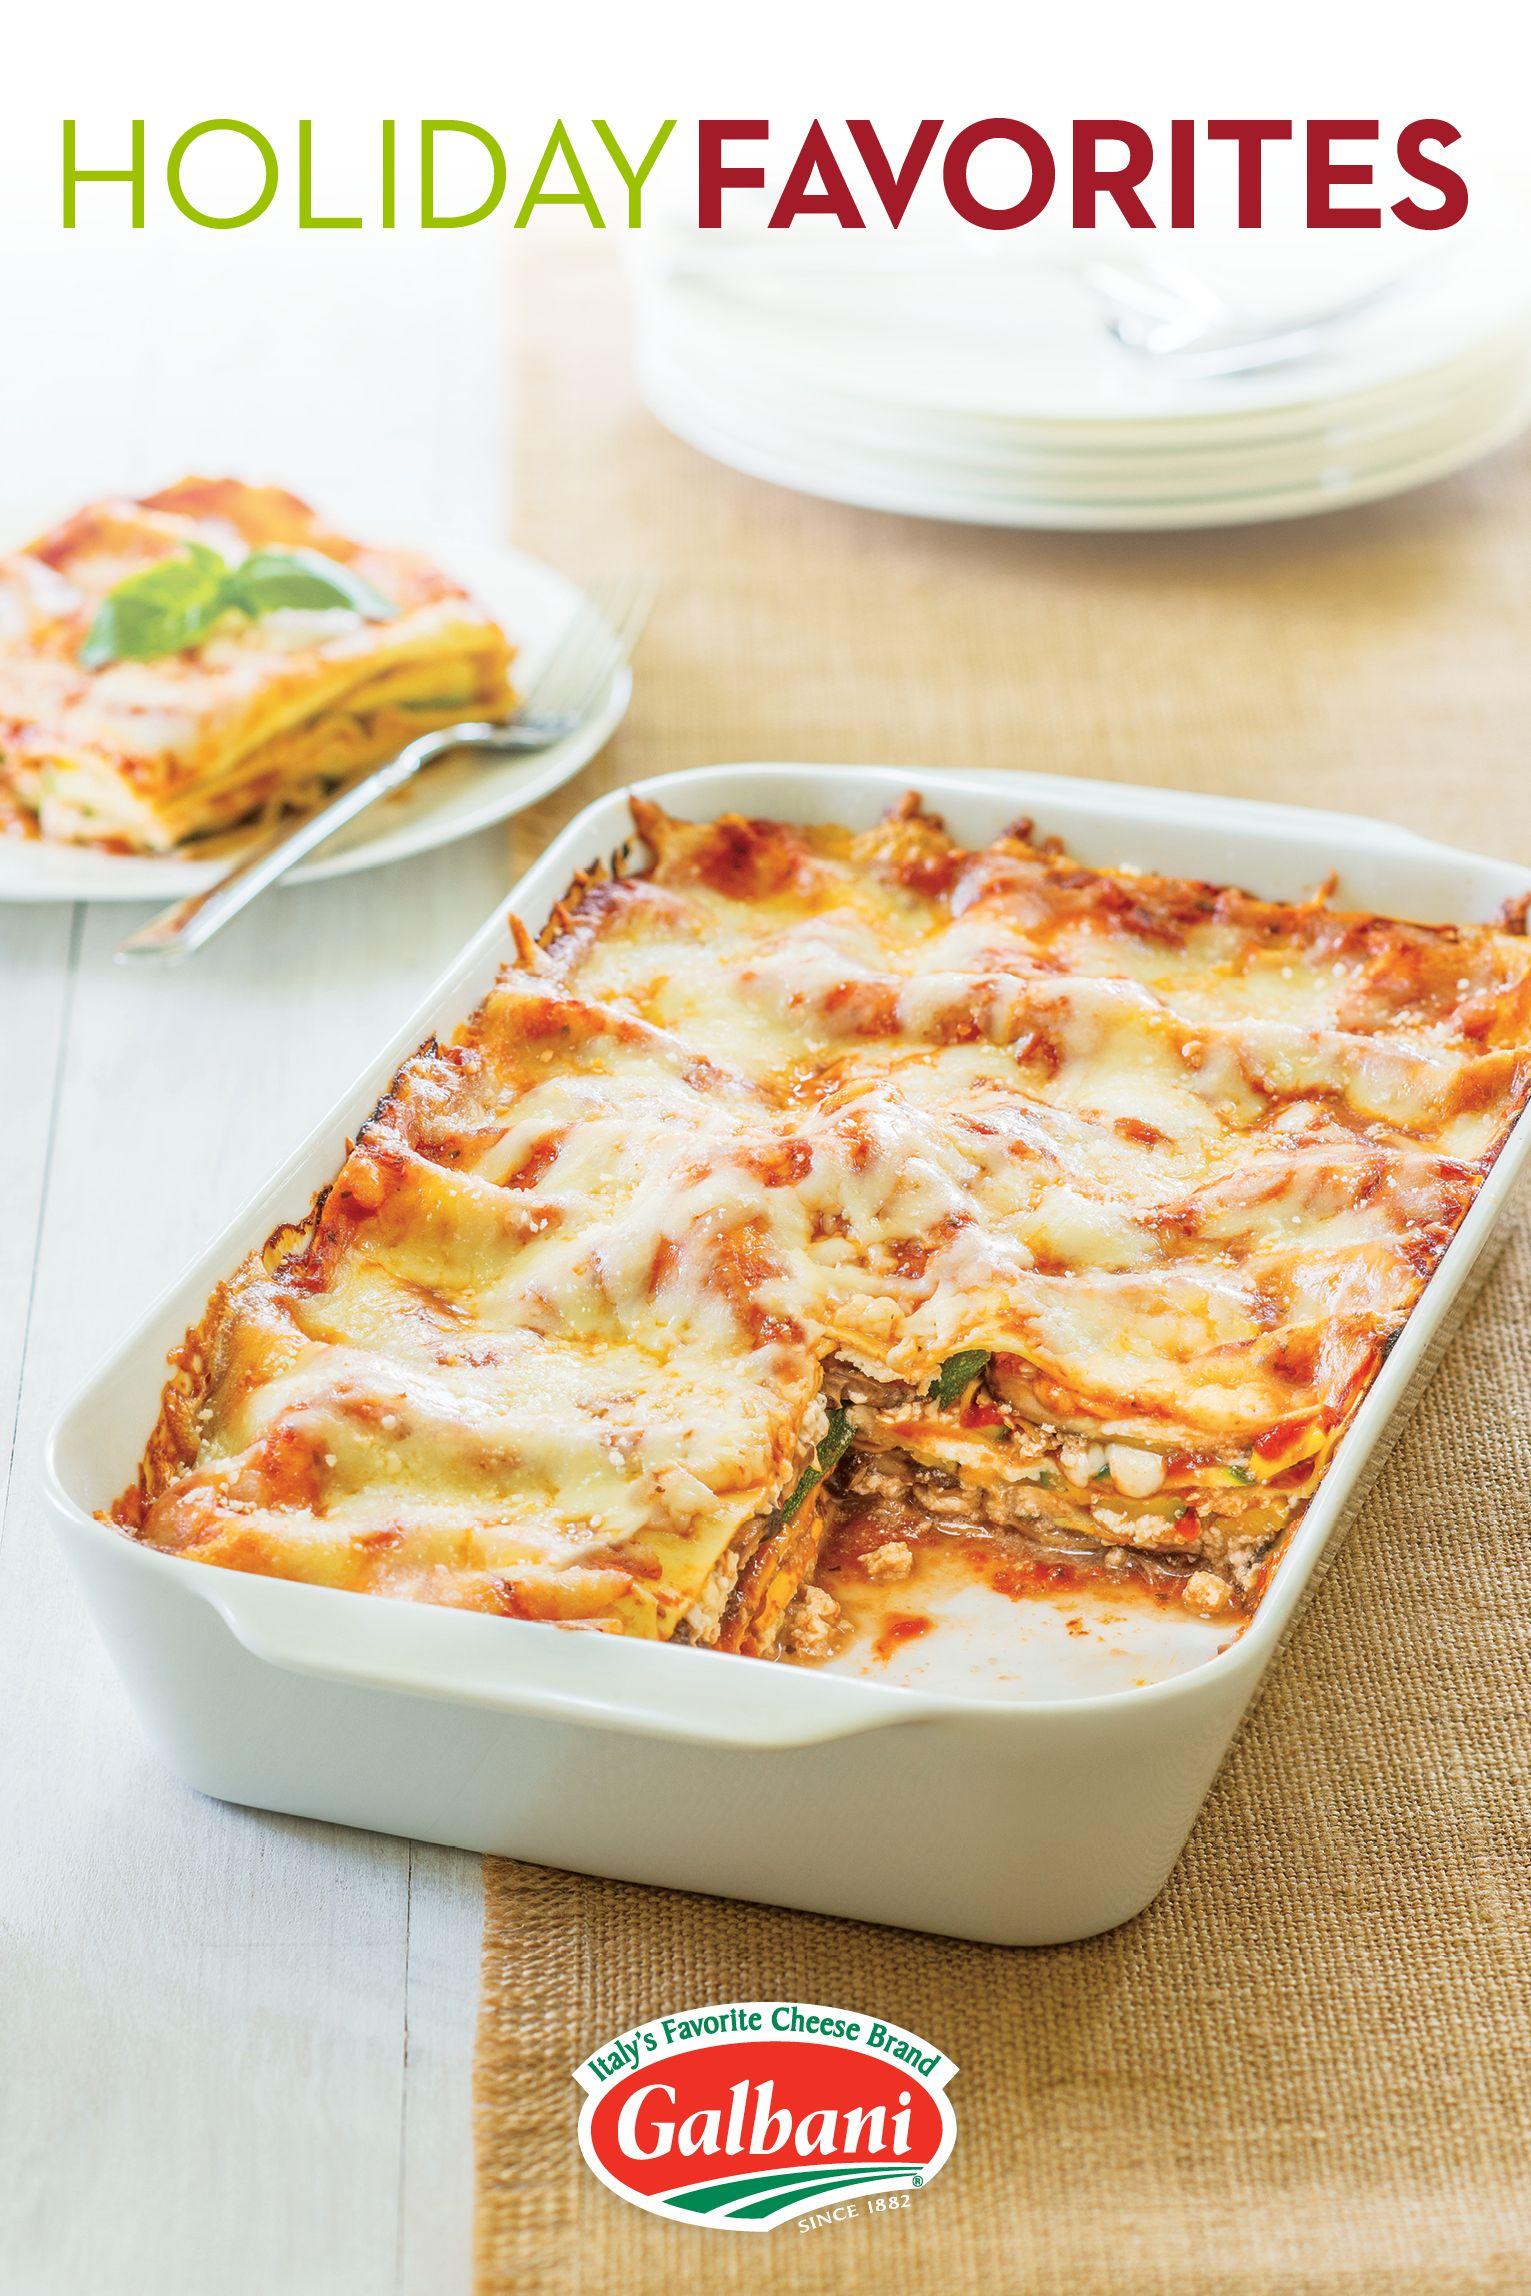 Easy Meat Lasagna Recipe Recipe Easy Lasagna Recipe Meat Lasagna Easy Lasagna Recipe Without Ricotta